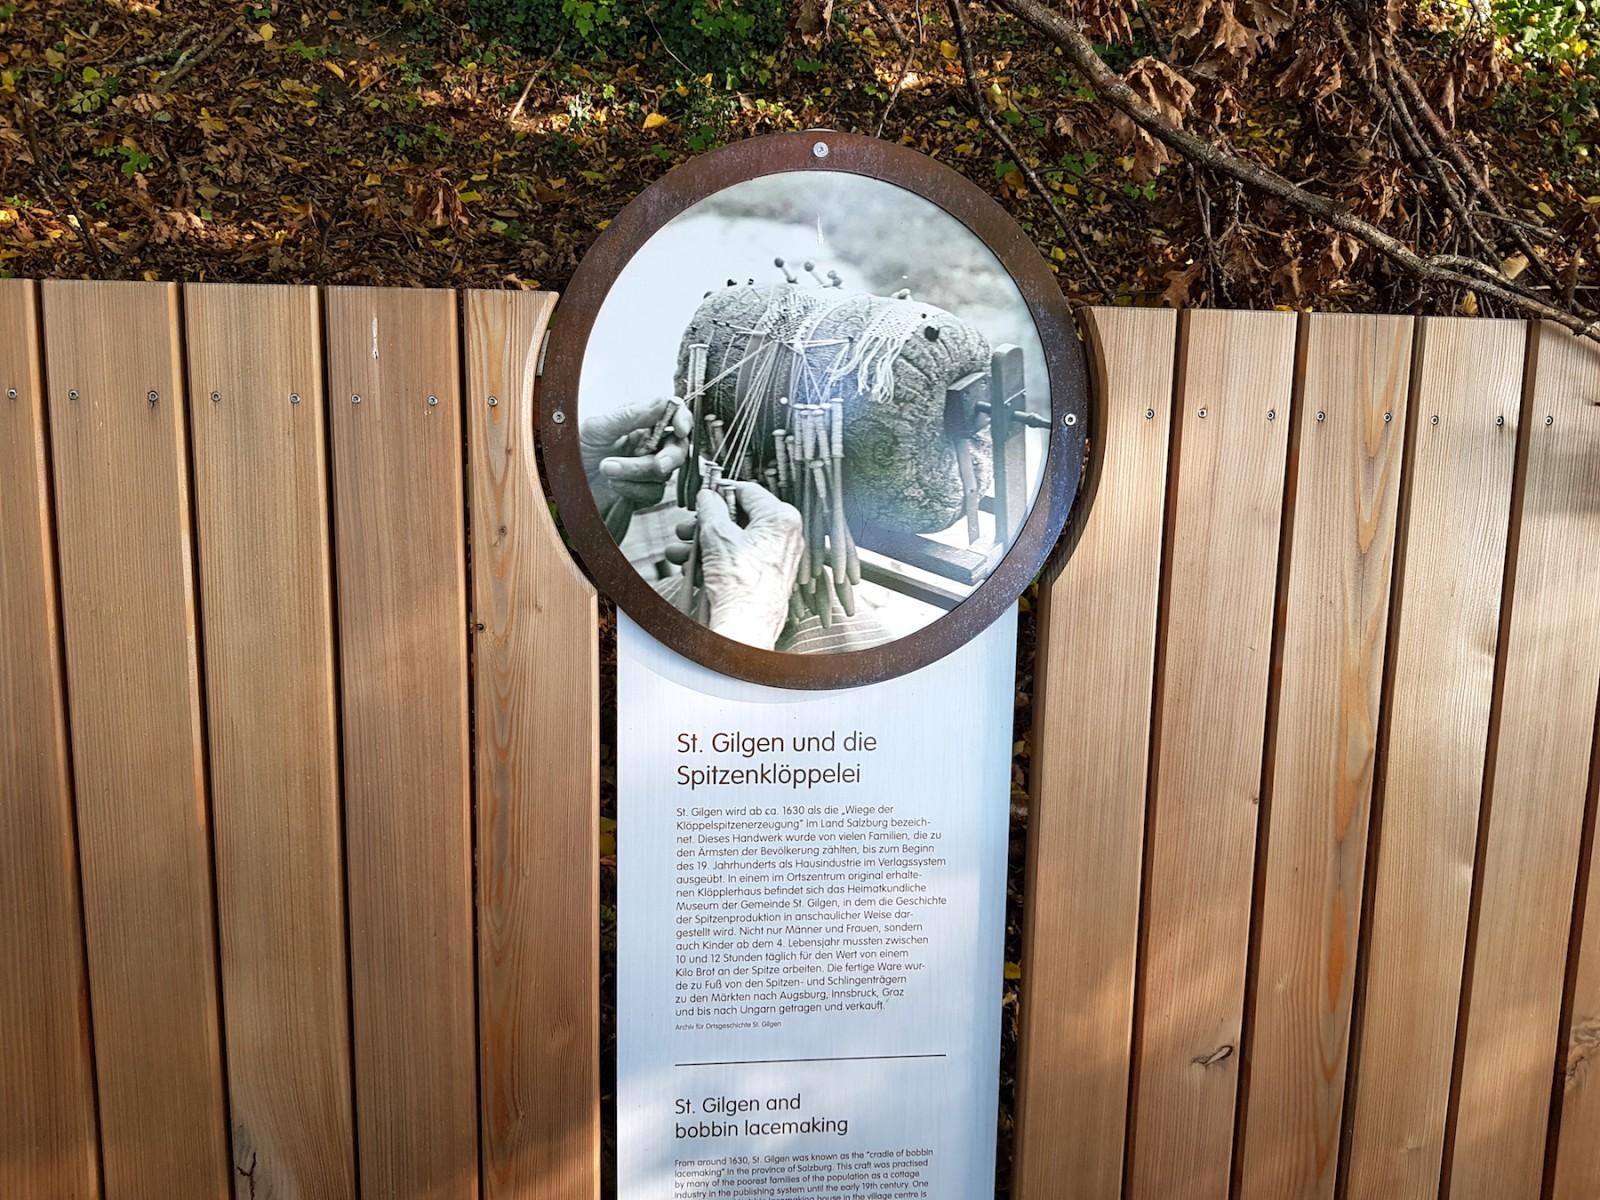 Die Bänke entlang des Weges enthalten viele spannende Informationen über die Geschichte des Salzkammerguts.